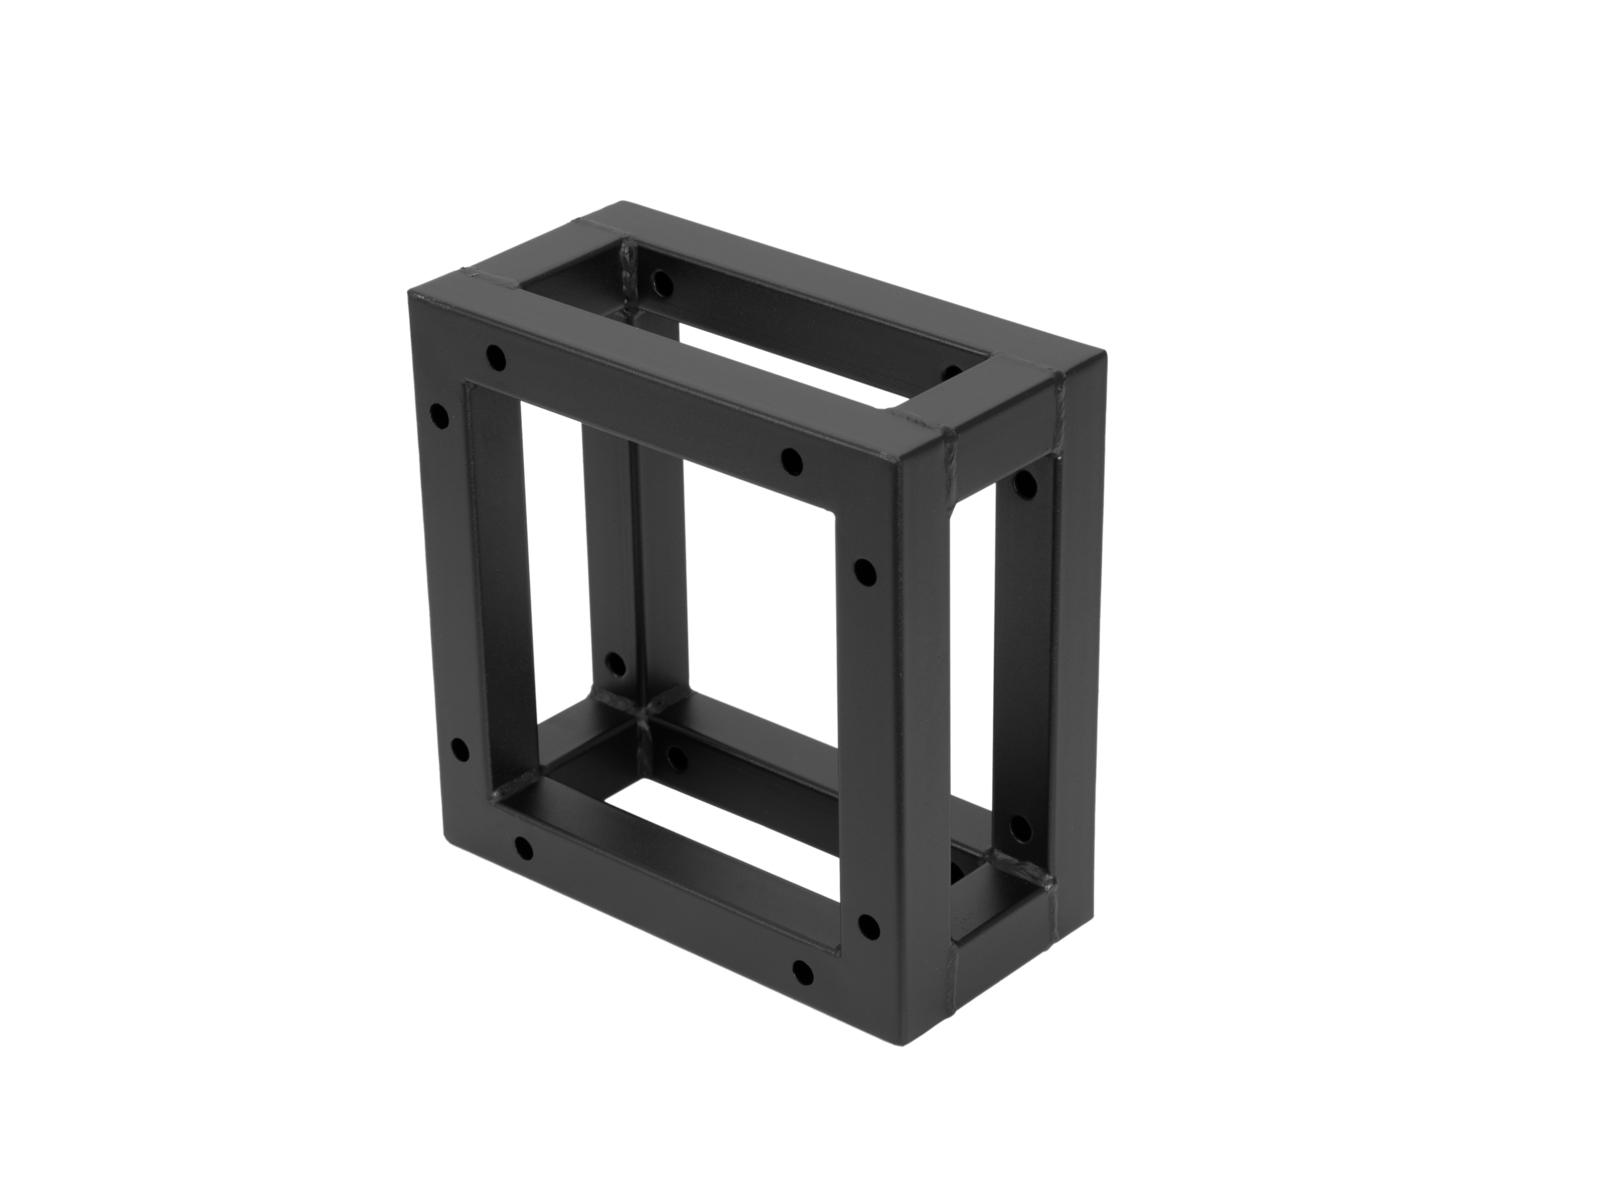 DECOTRUSS Quad Spacer Block sw